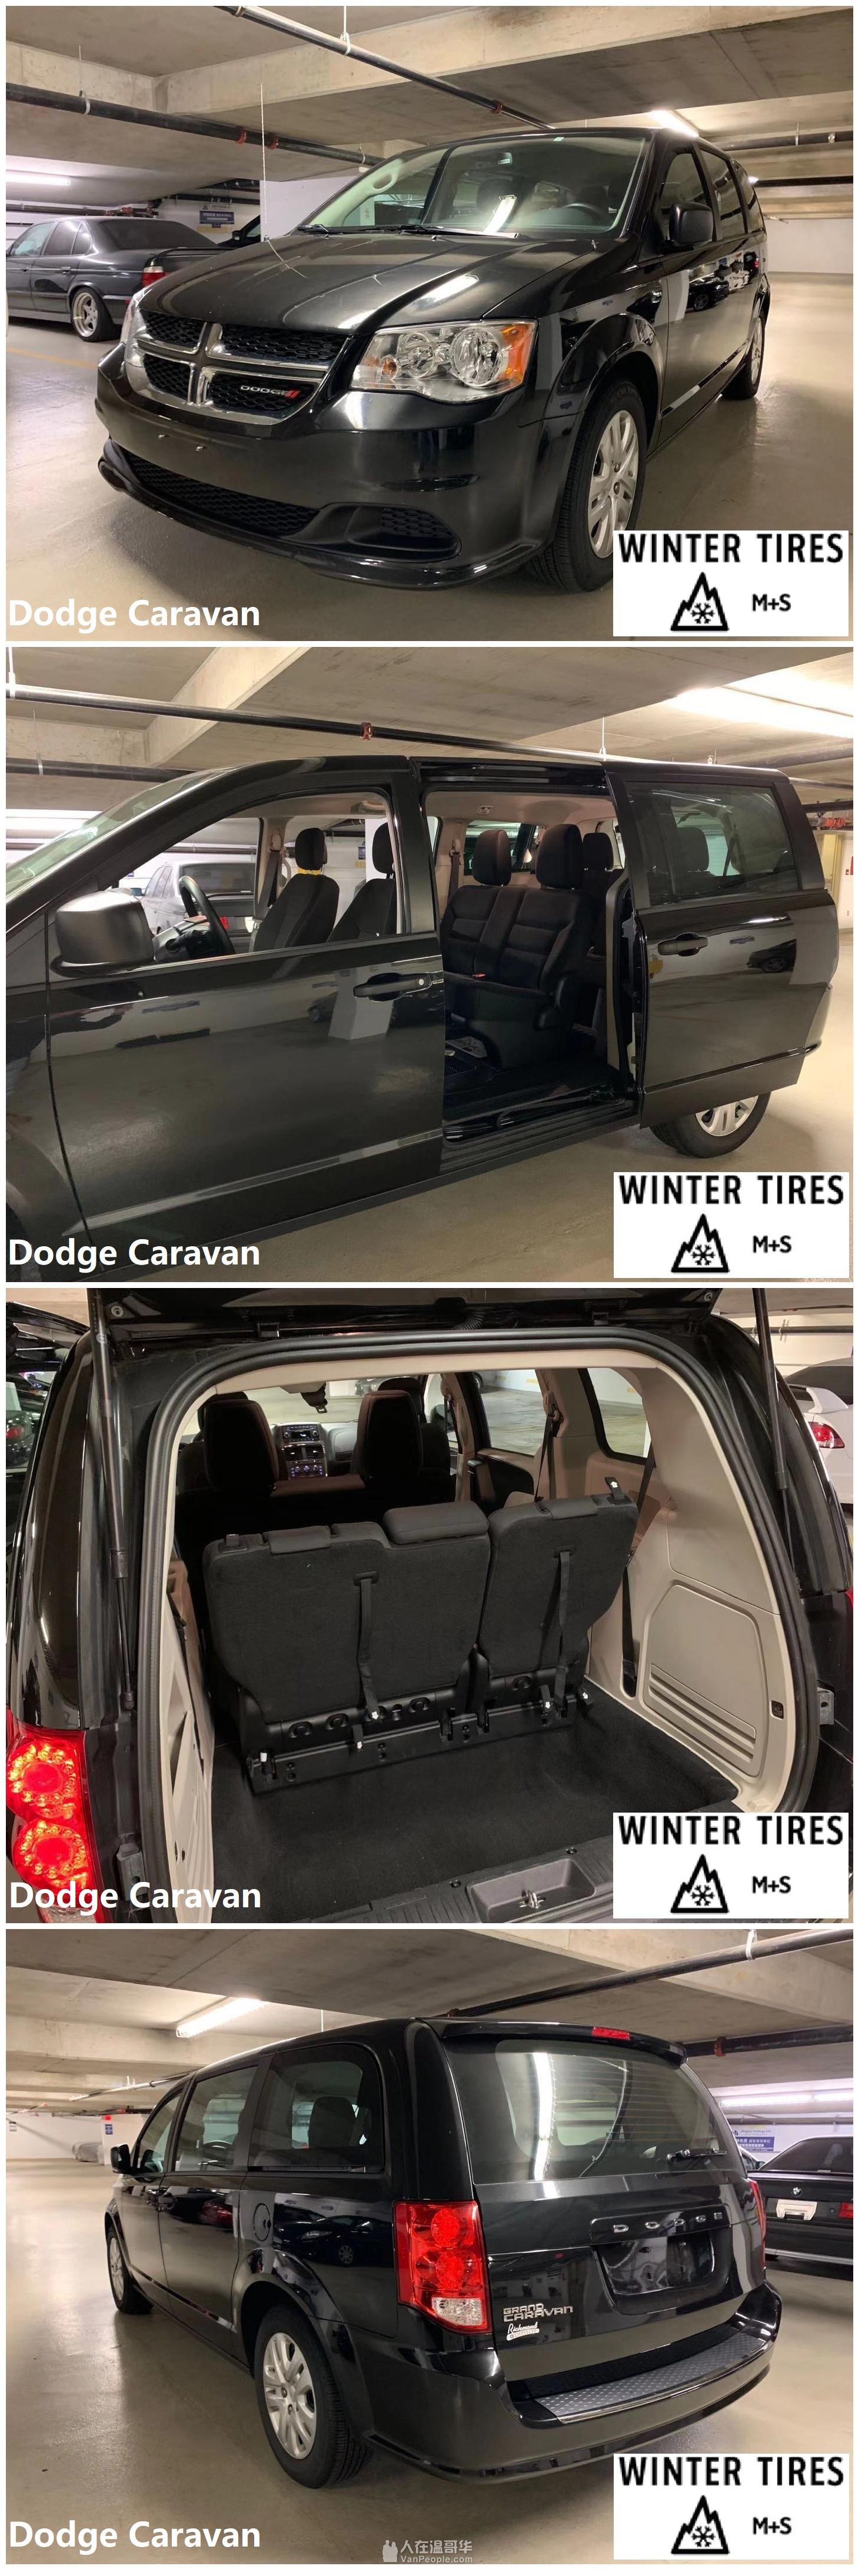 CNR租车!日租/周租/月租车低至350CAD , 多款雪胎车型,网约车商业Lease计划